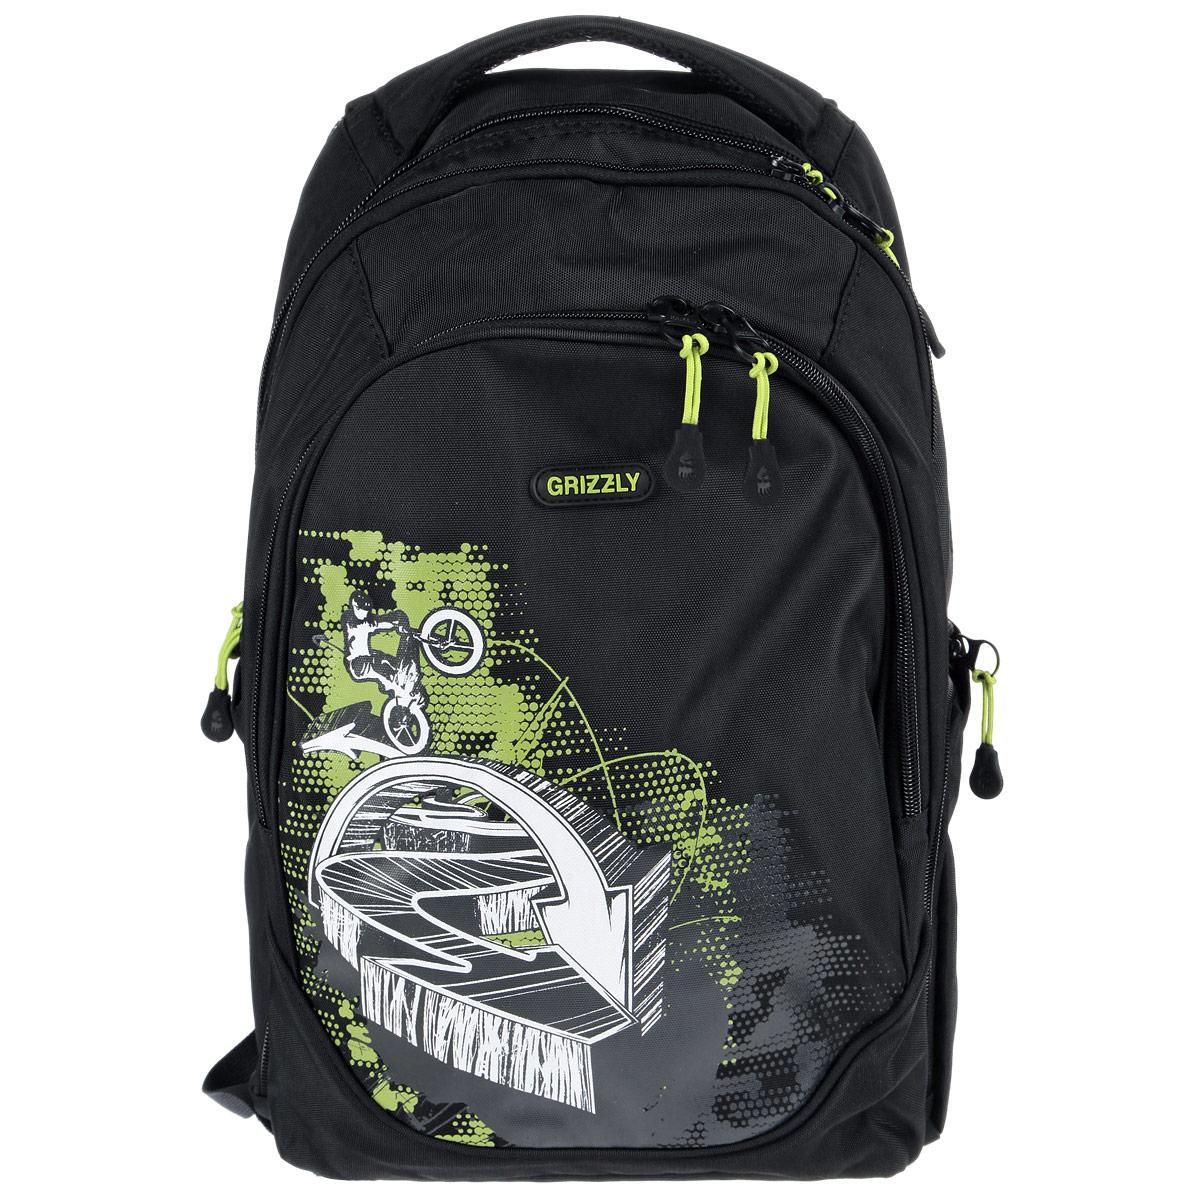 Школьный ранец Grizzly, цвет: серый, черный. RU-528-3/472523WDРюкзак молодежный с тремя отделениями, боковыми карманами на молнии, внутренними карманами на молнии, жесткой рельефной спинкой, анатомическими лямками, ручкой для переноски